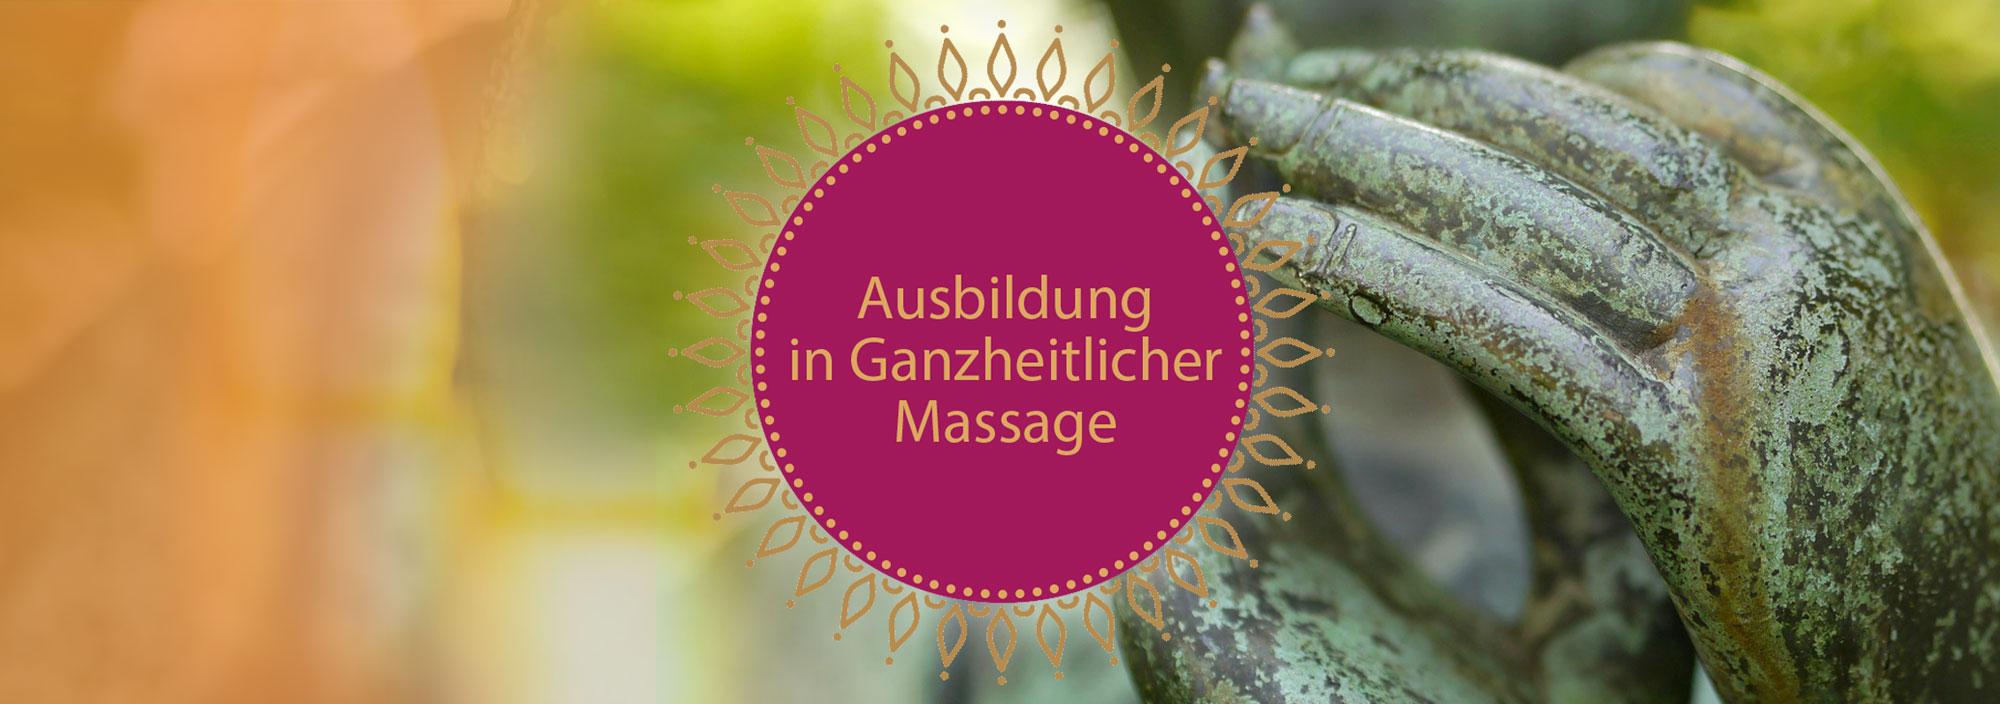 Ausbildung in ganzheitlicher Massage. Motiv: Hände-Skulptur